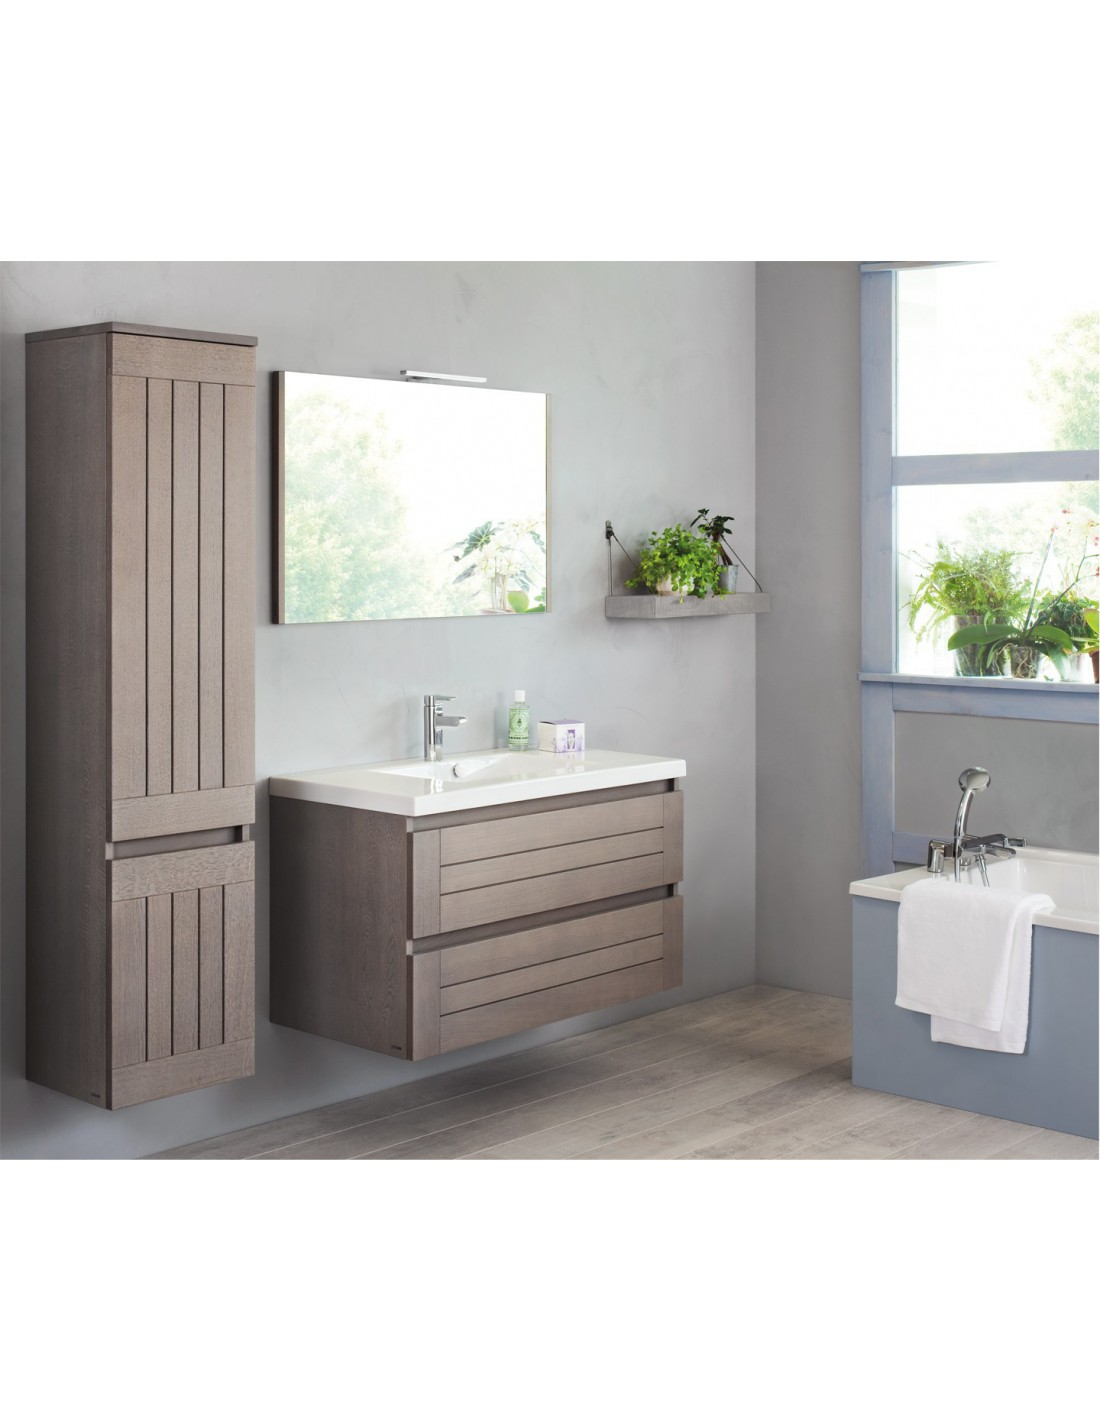 meuble 105 cm 1 vasque table noire miroir bois massif lignum sanijura. Black Bedroom Furniture Sets. Home Design Ideas